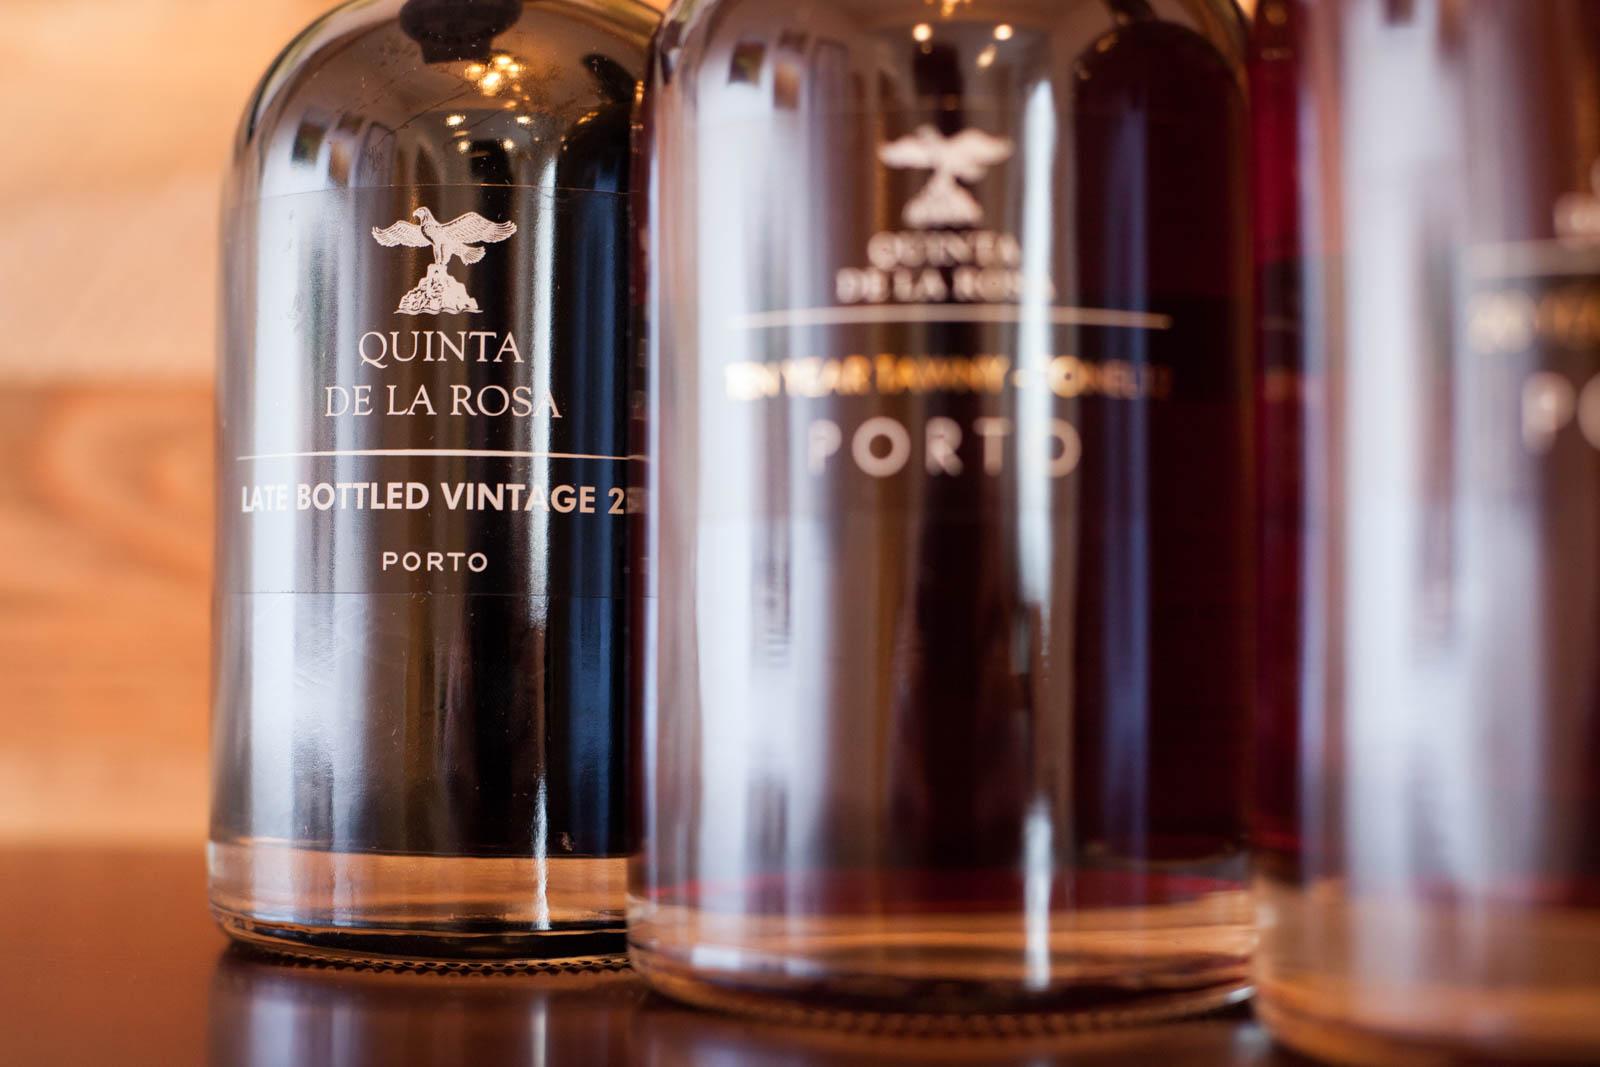 Quinta de la Rosa Port wine, Portugal